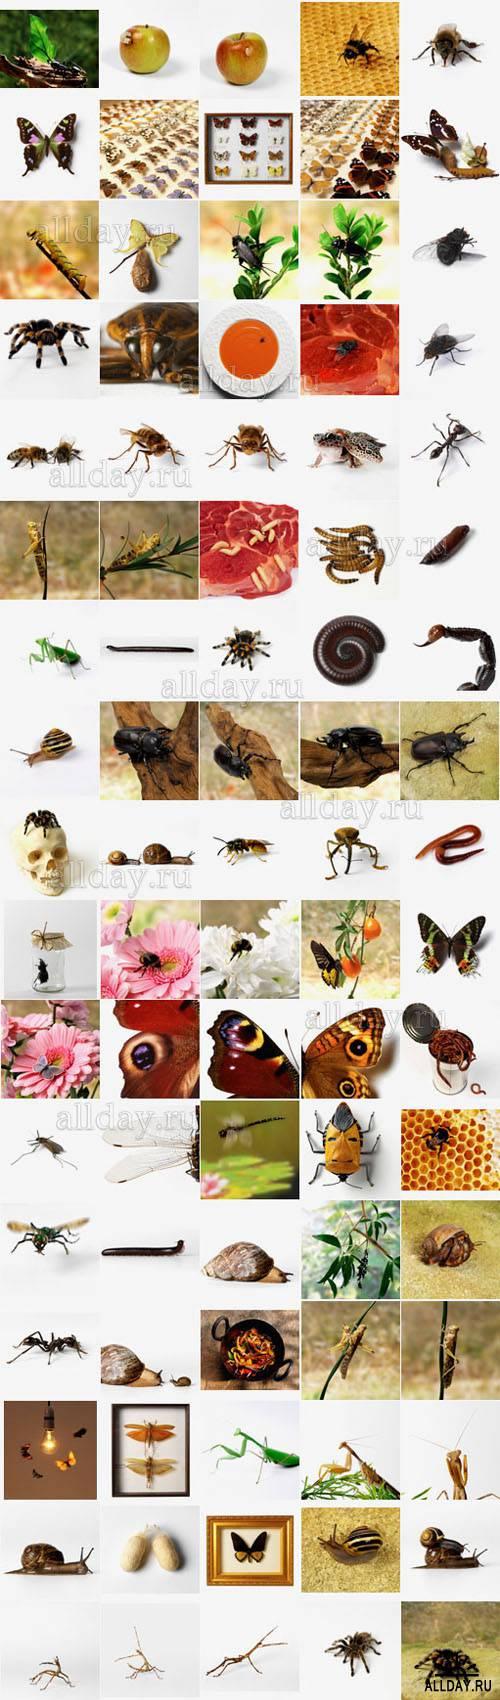 Polka Dot Images ITF139 — Bugs